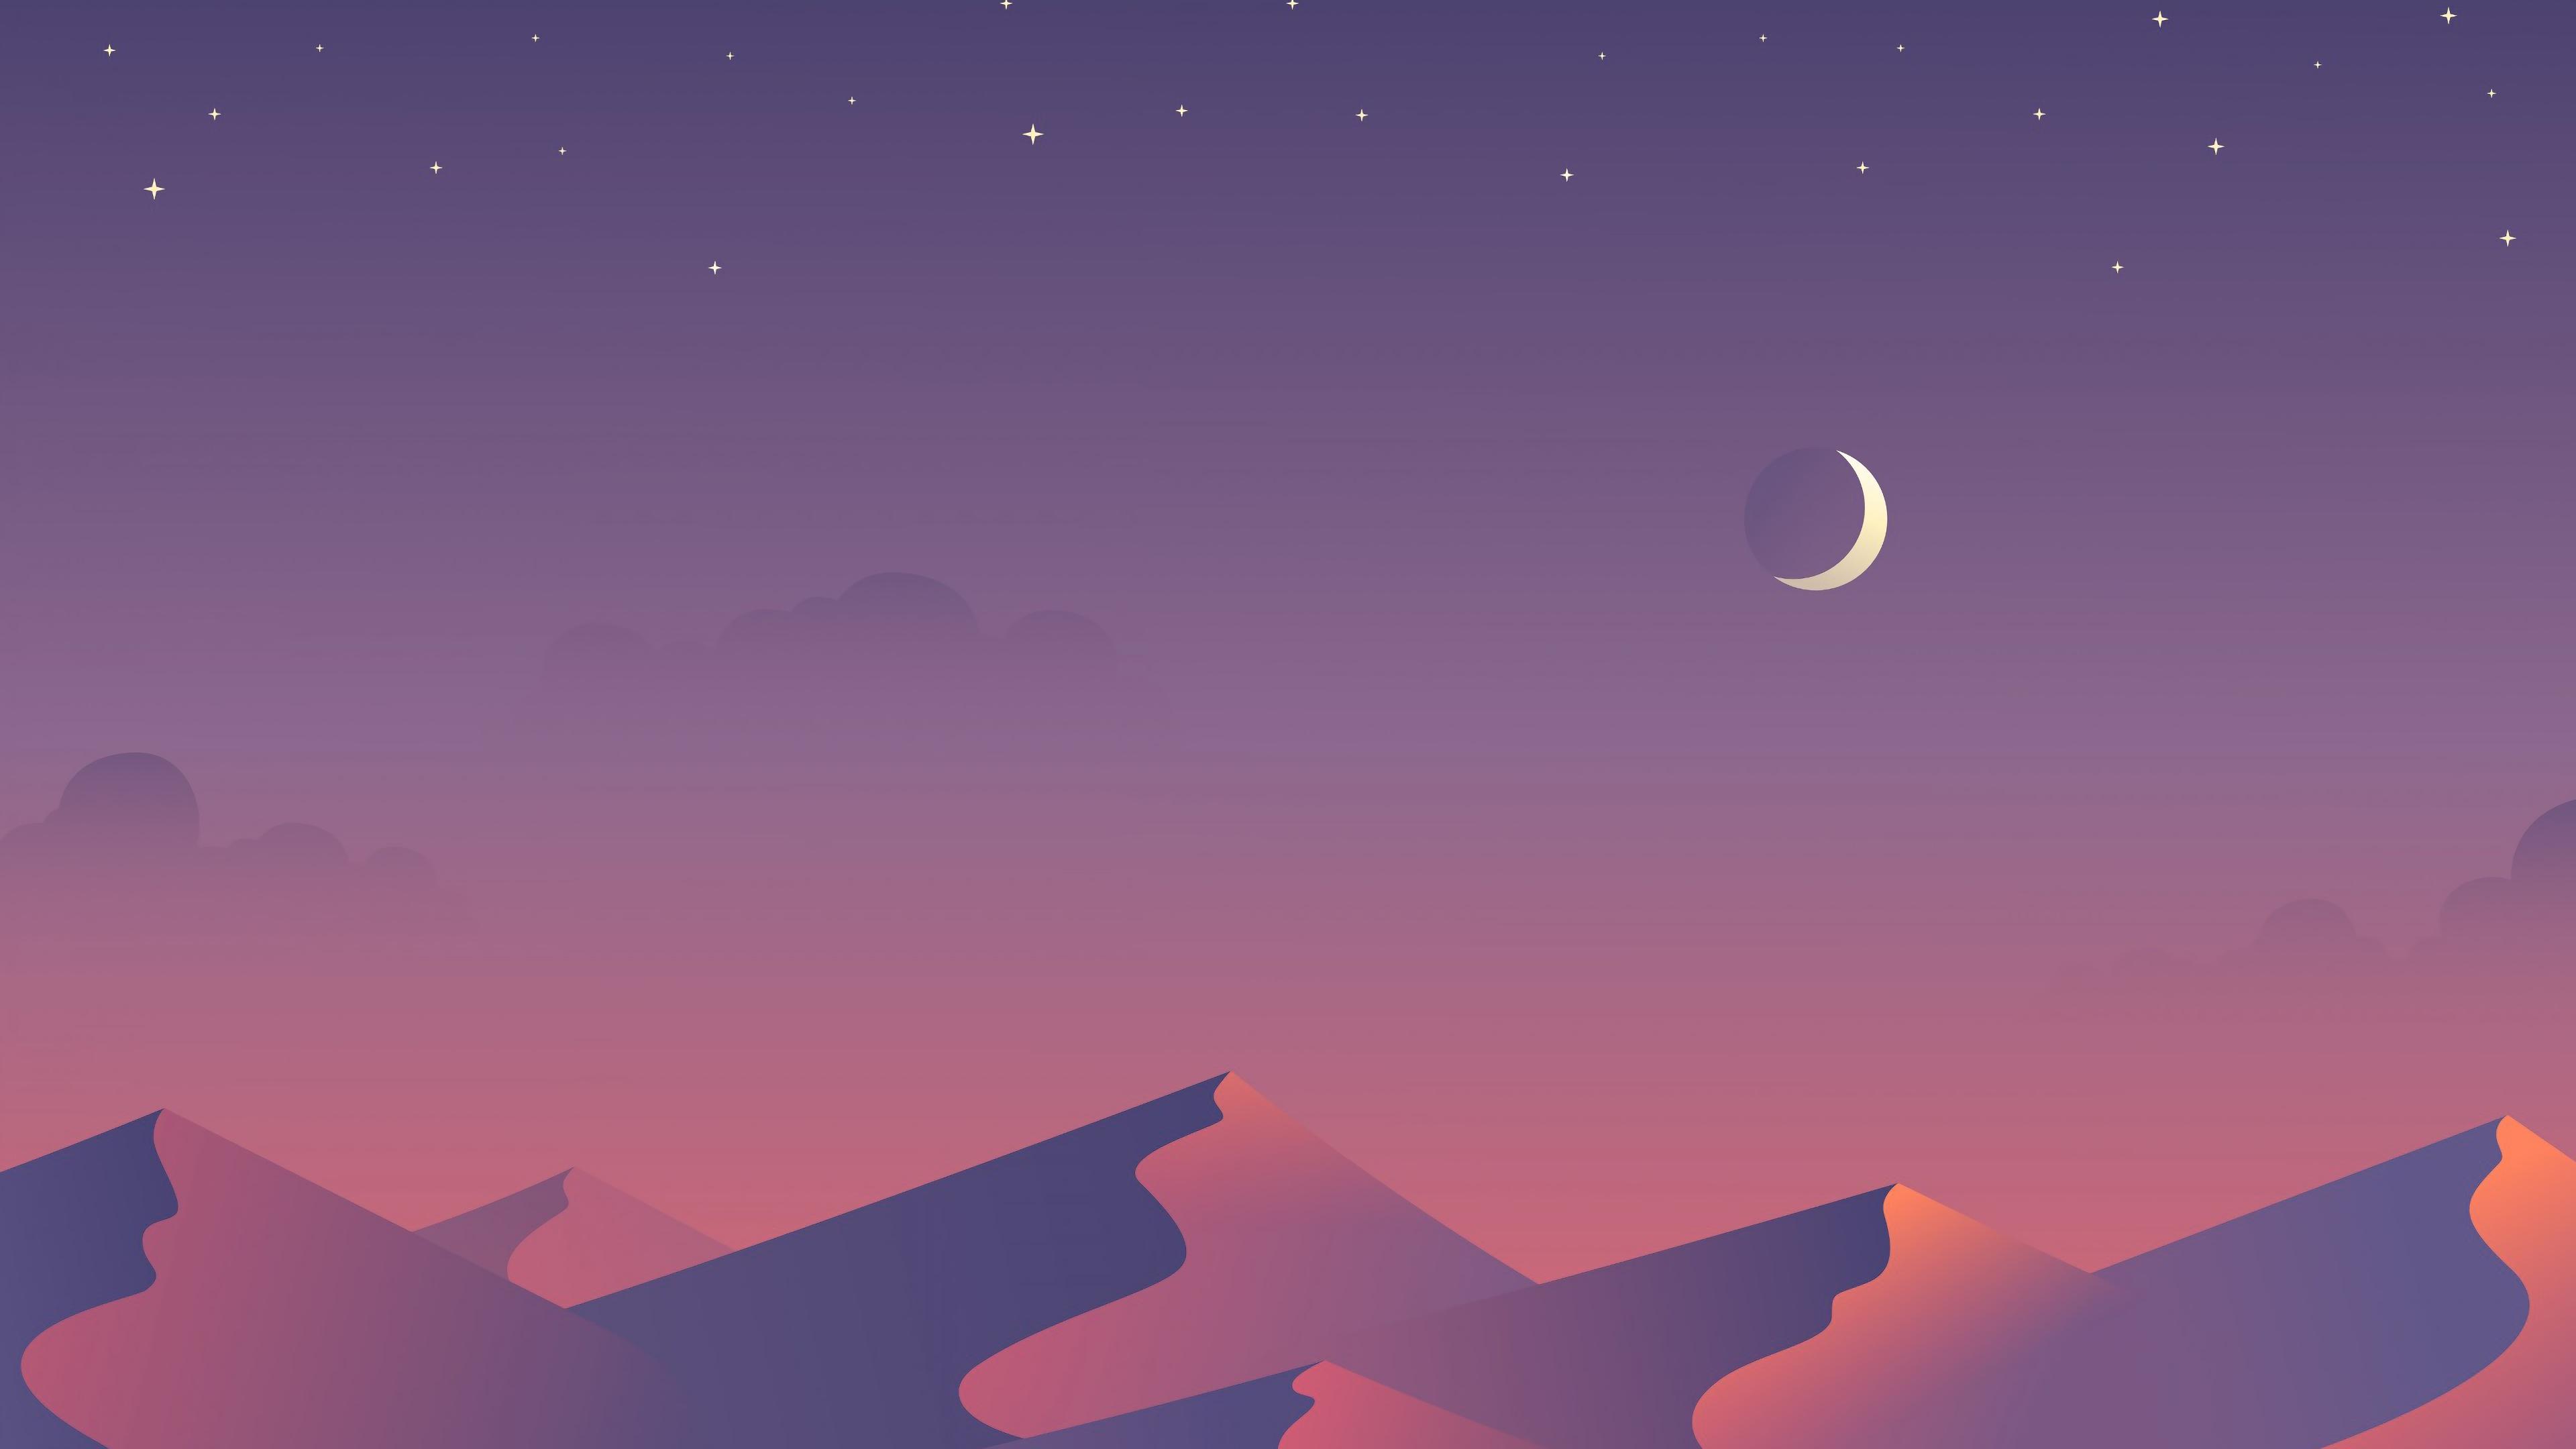 Desert Landscape Wallpaper Hd Landscape Wallpaper Hd 4k 8k